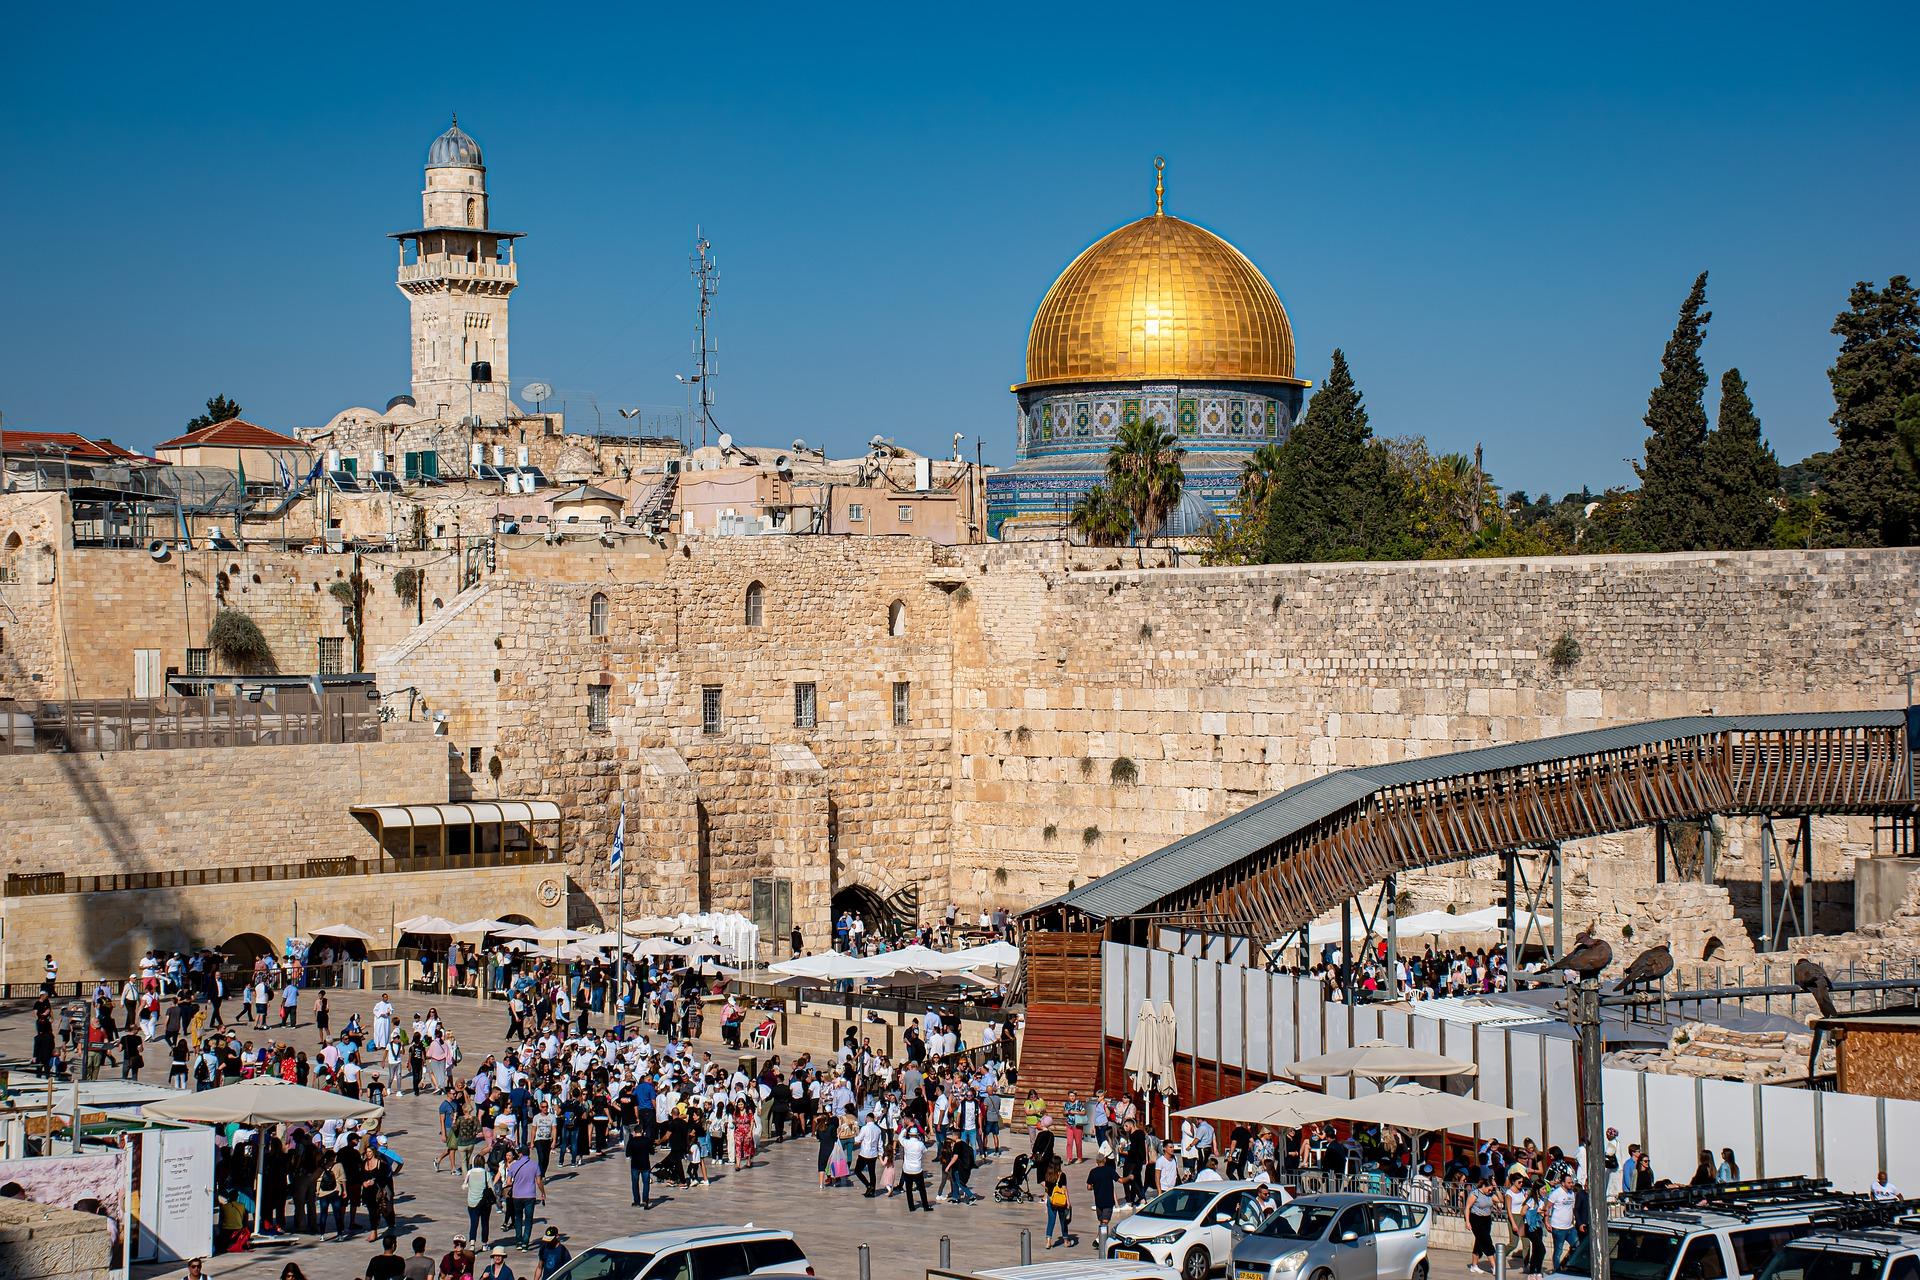 Israele, palestinesi e Iran. L'agenda Biden secondo Aaron David Miller